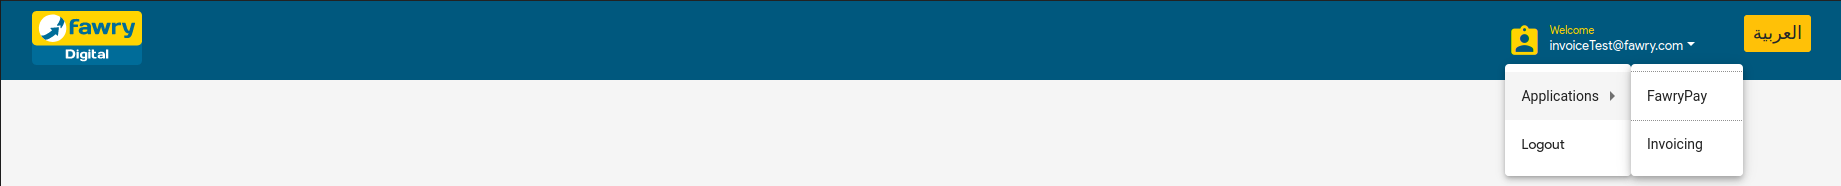 FawryPay Finance Dashboard